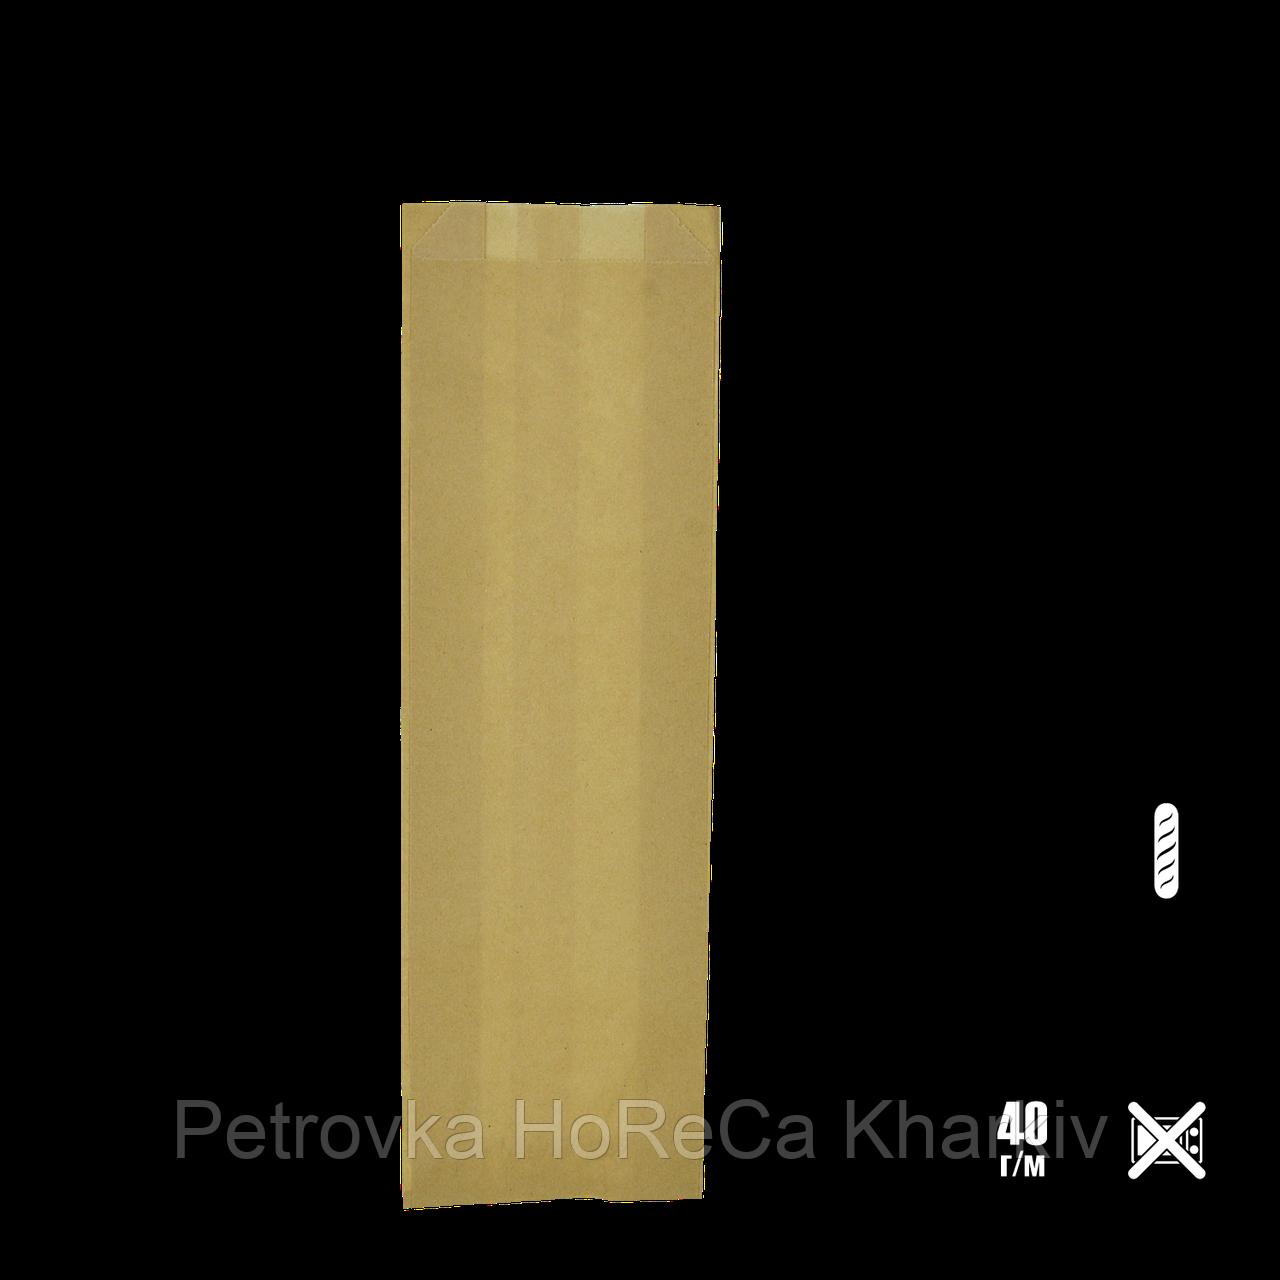 Паперовий пакет без ручок крафтовый 390х80х40мм (ВхШхГ) 40г/м2 100шт (272)